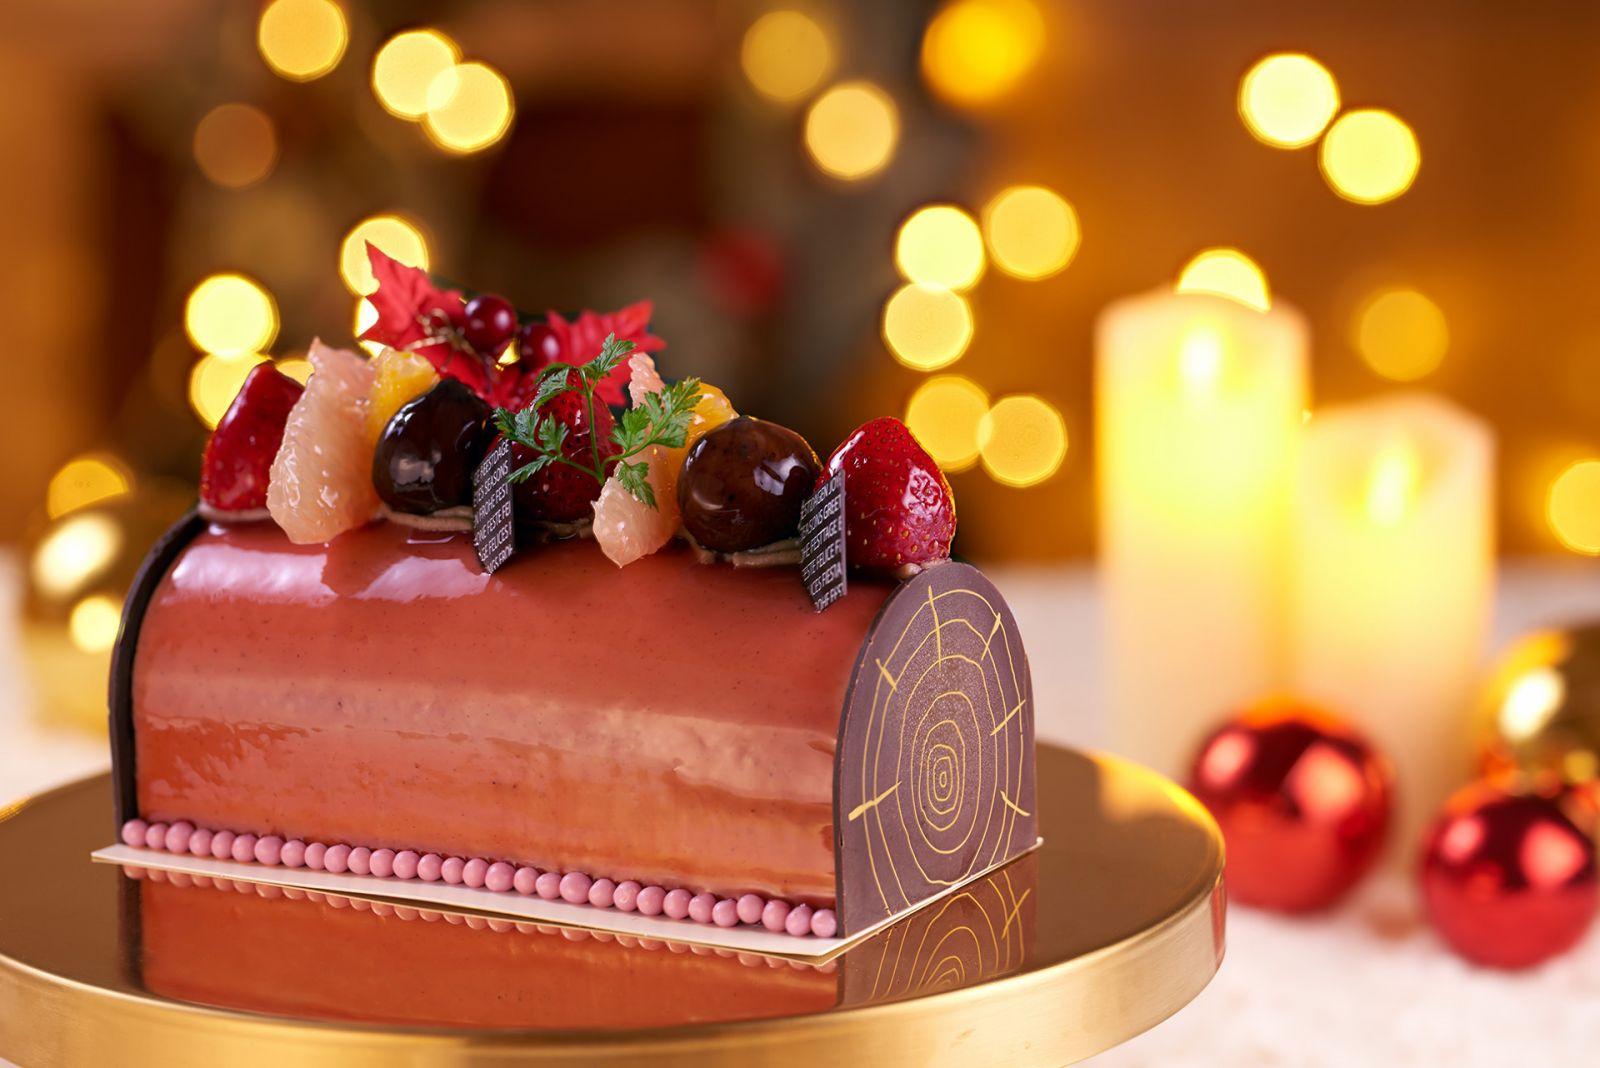 【國賓麵包房】年末買個蛋糕獎「栗」自己! 國賓推聖誕栗子水果蛋糕